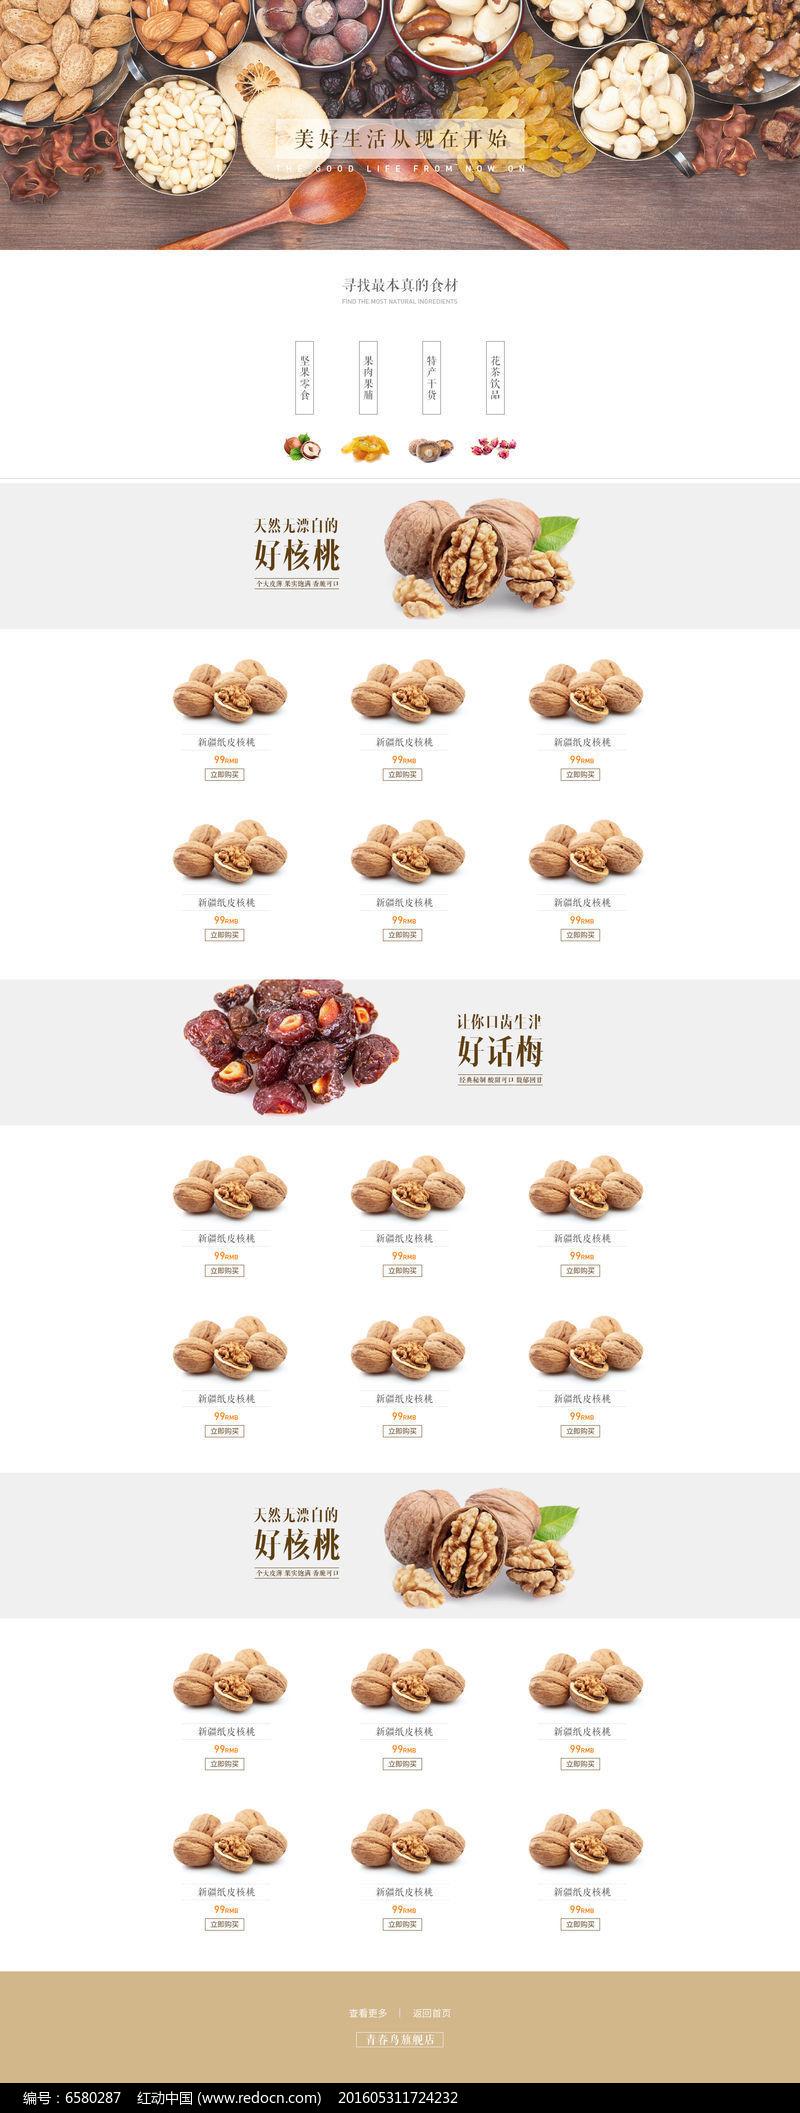 淘宝天猫零食坚果专题页首页装修模板